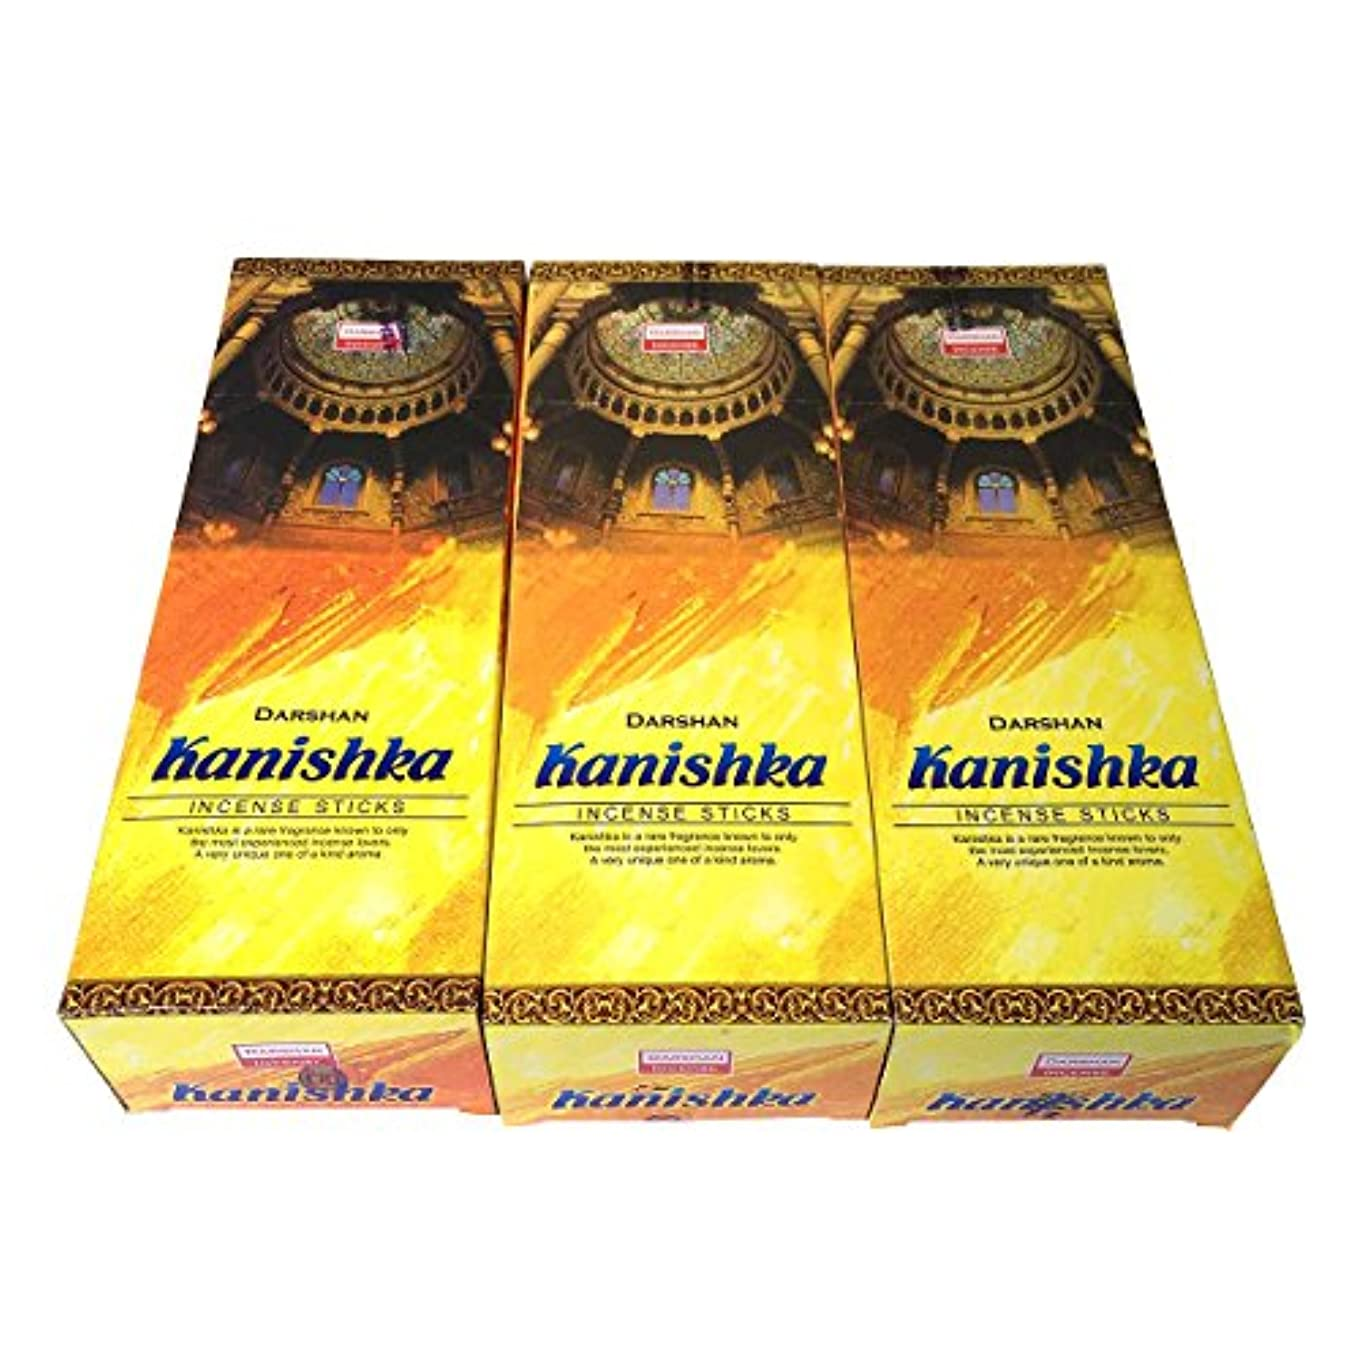 ジャム確立感謝祭カニシュカ香スティック 3BOX(18箱) /DARSHAN KANISHKA/インセンス/インド香 お香 [並行輸入品]